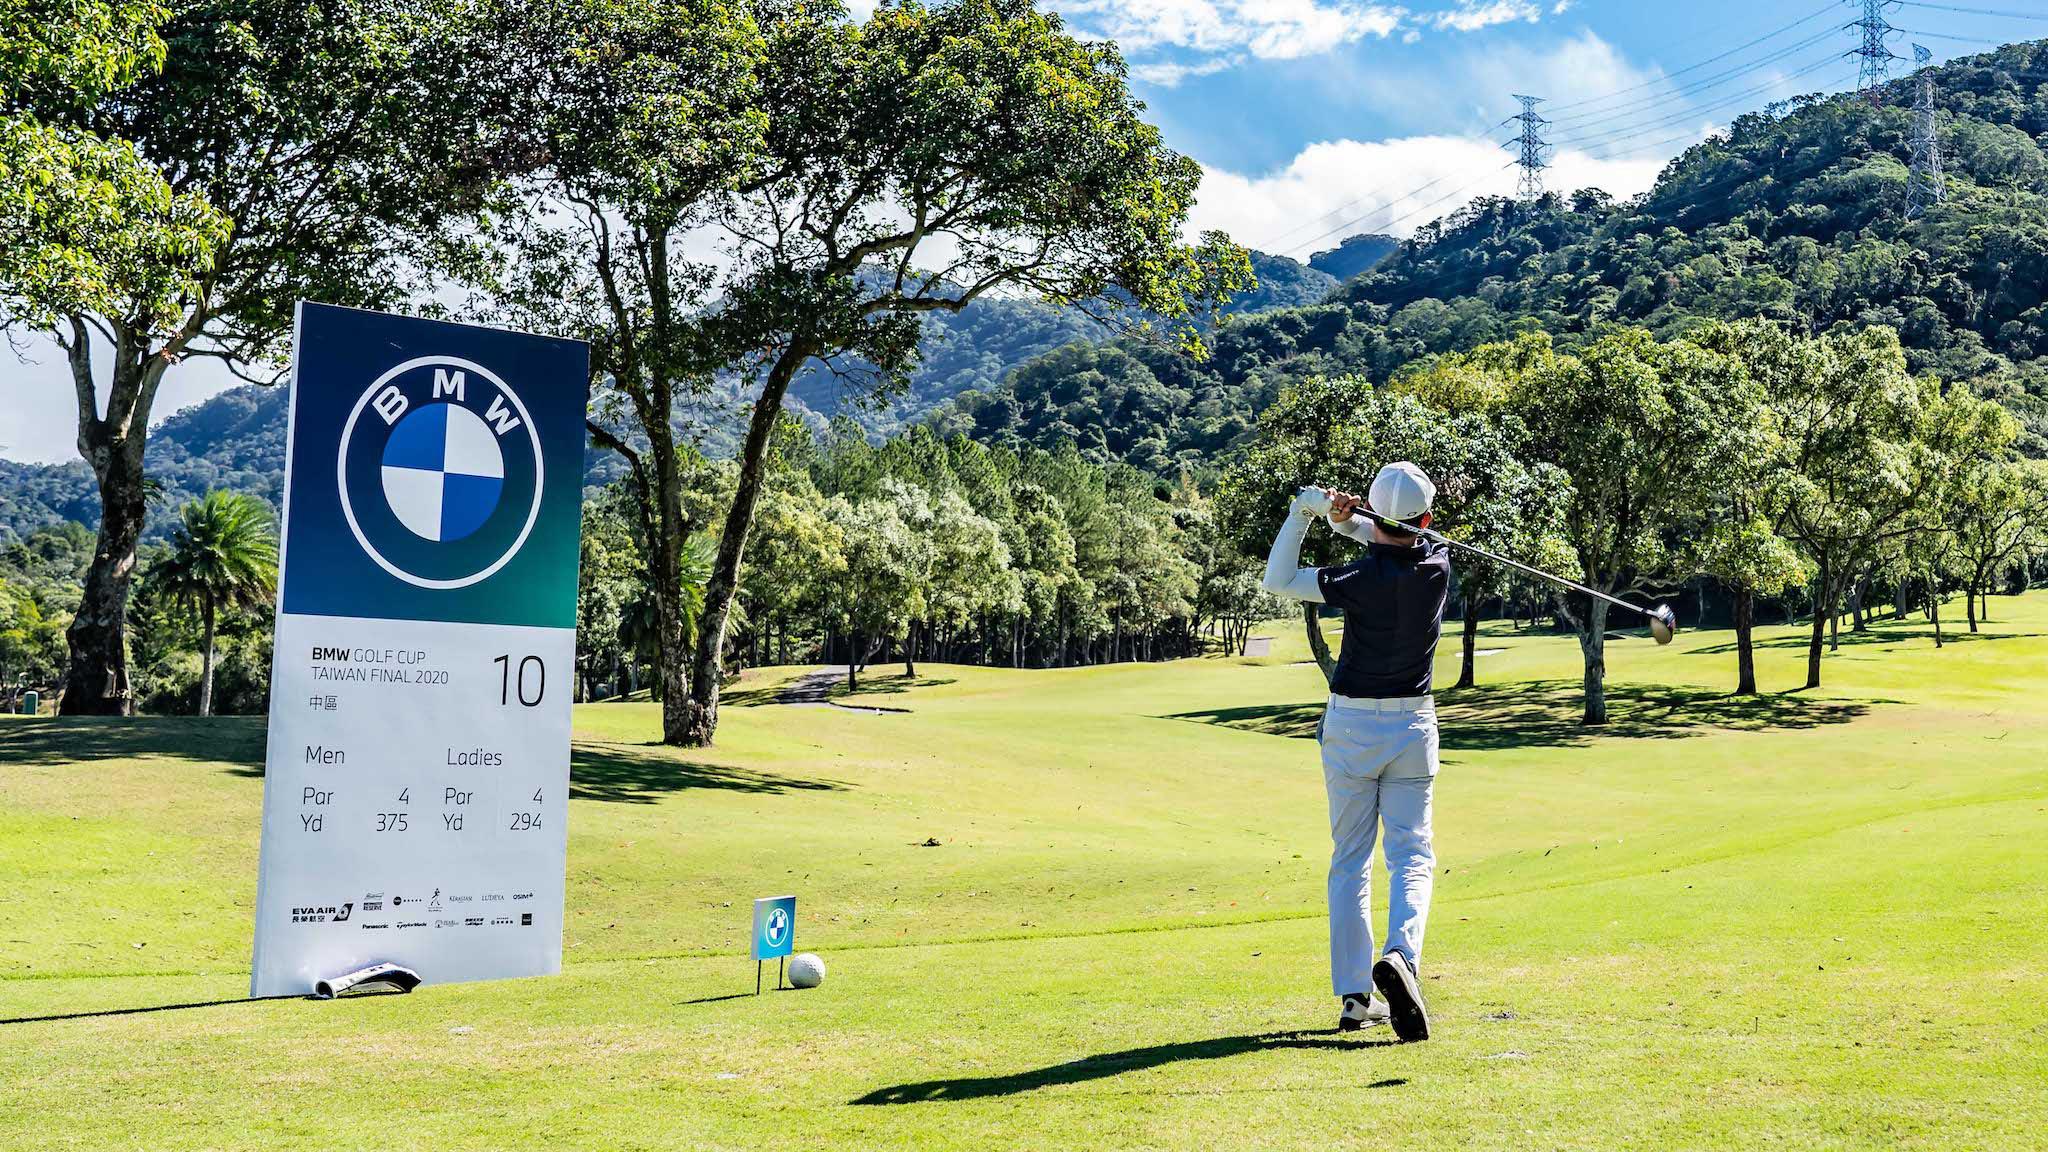 2020 BMW 世界盃業餘高爾夫錦標賽,台灣決賽完美落幕